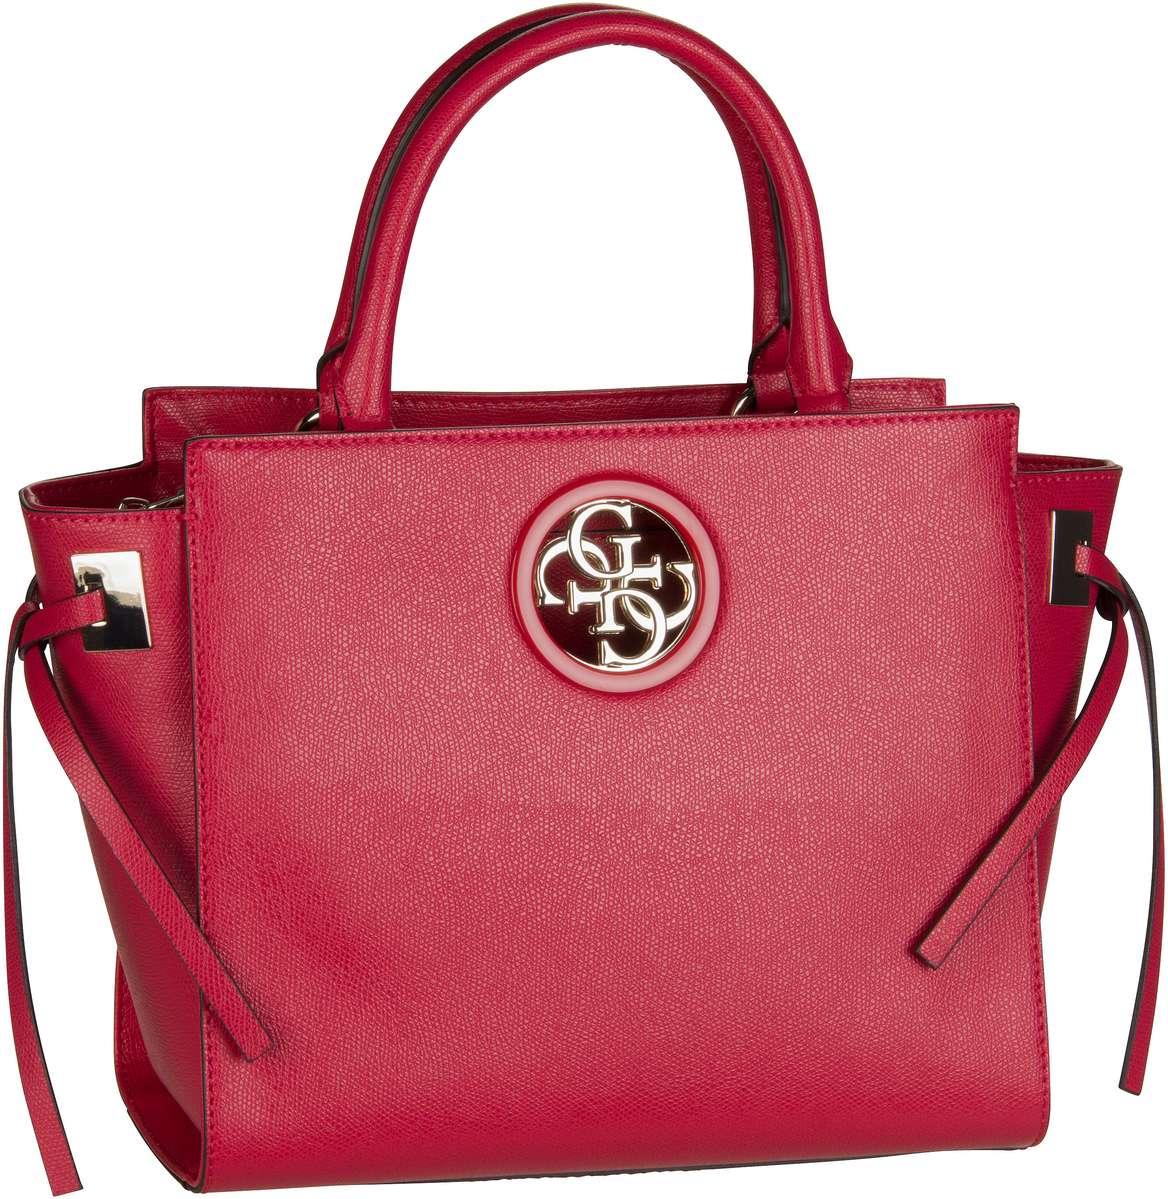 Handtasche Open Road Society Satchel CNY Red